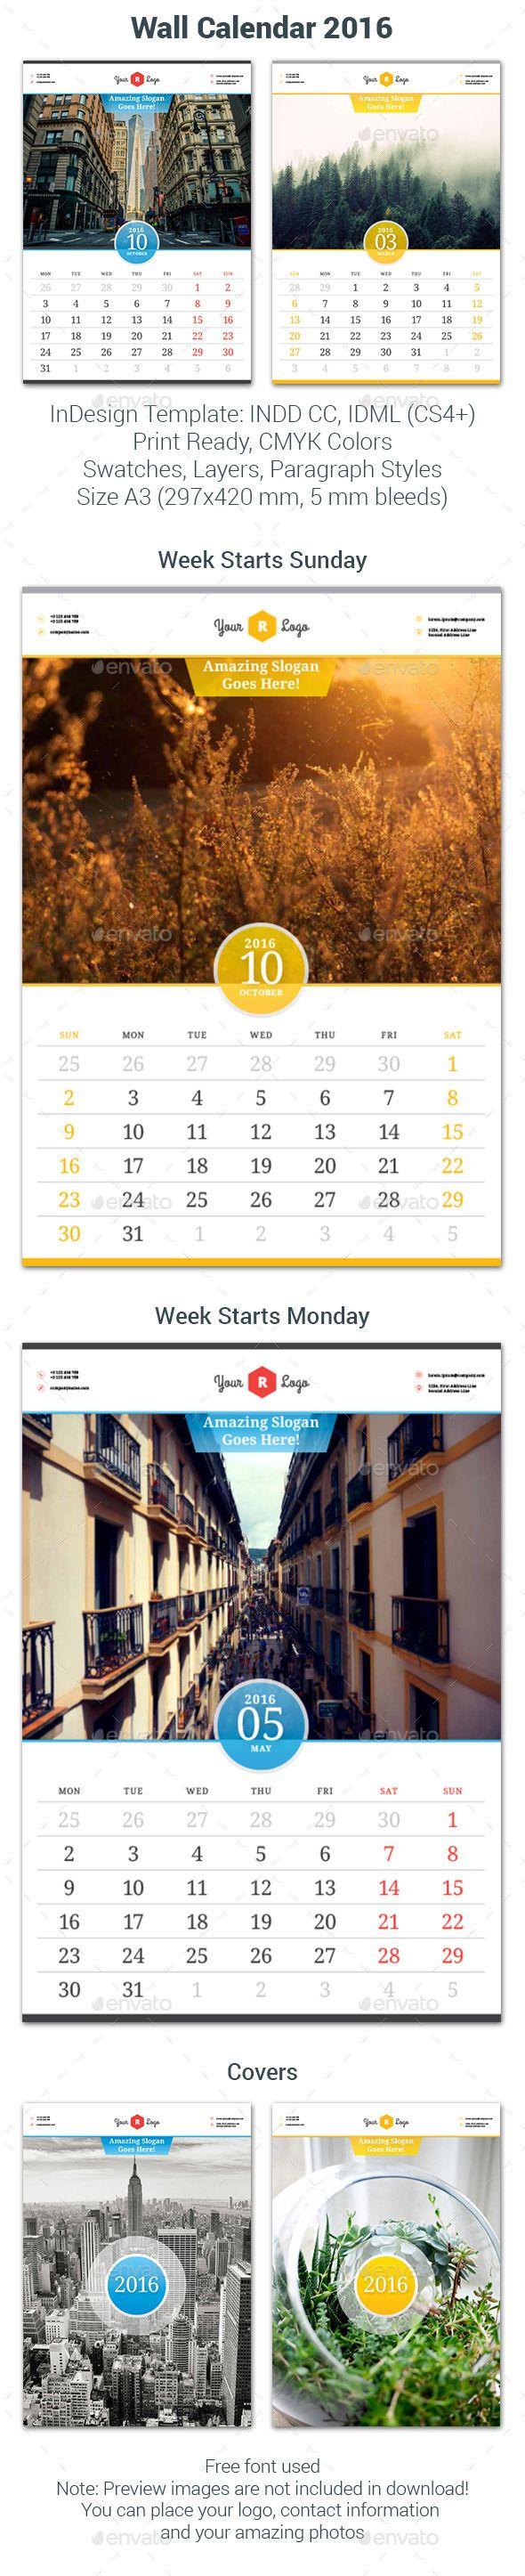 Wall Calendar 2016 Template #design Download: http://graphicriver.net/item/wall-calendar-2016/12012963?ref=ksioks